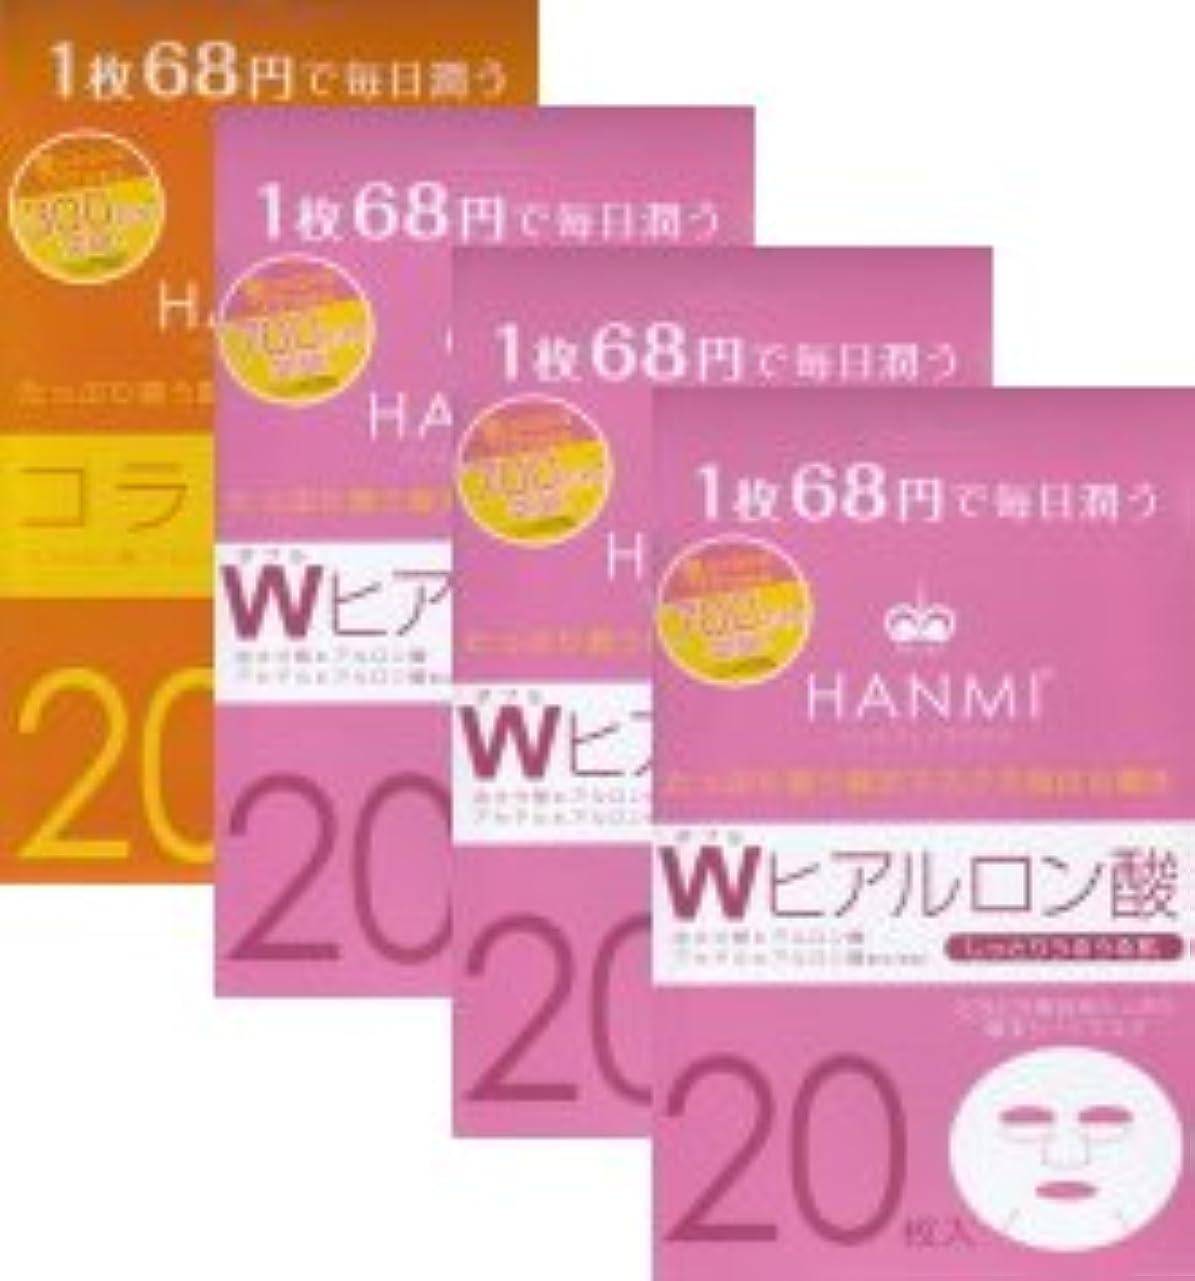 隠されたベギンマウスMIGAKI ハンミフェイスマスク(20枚入り)「コラーゲン×1個」「Wヒアルロン酸×3個」の4個セット